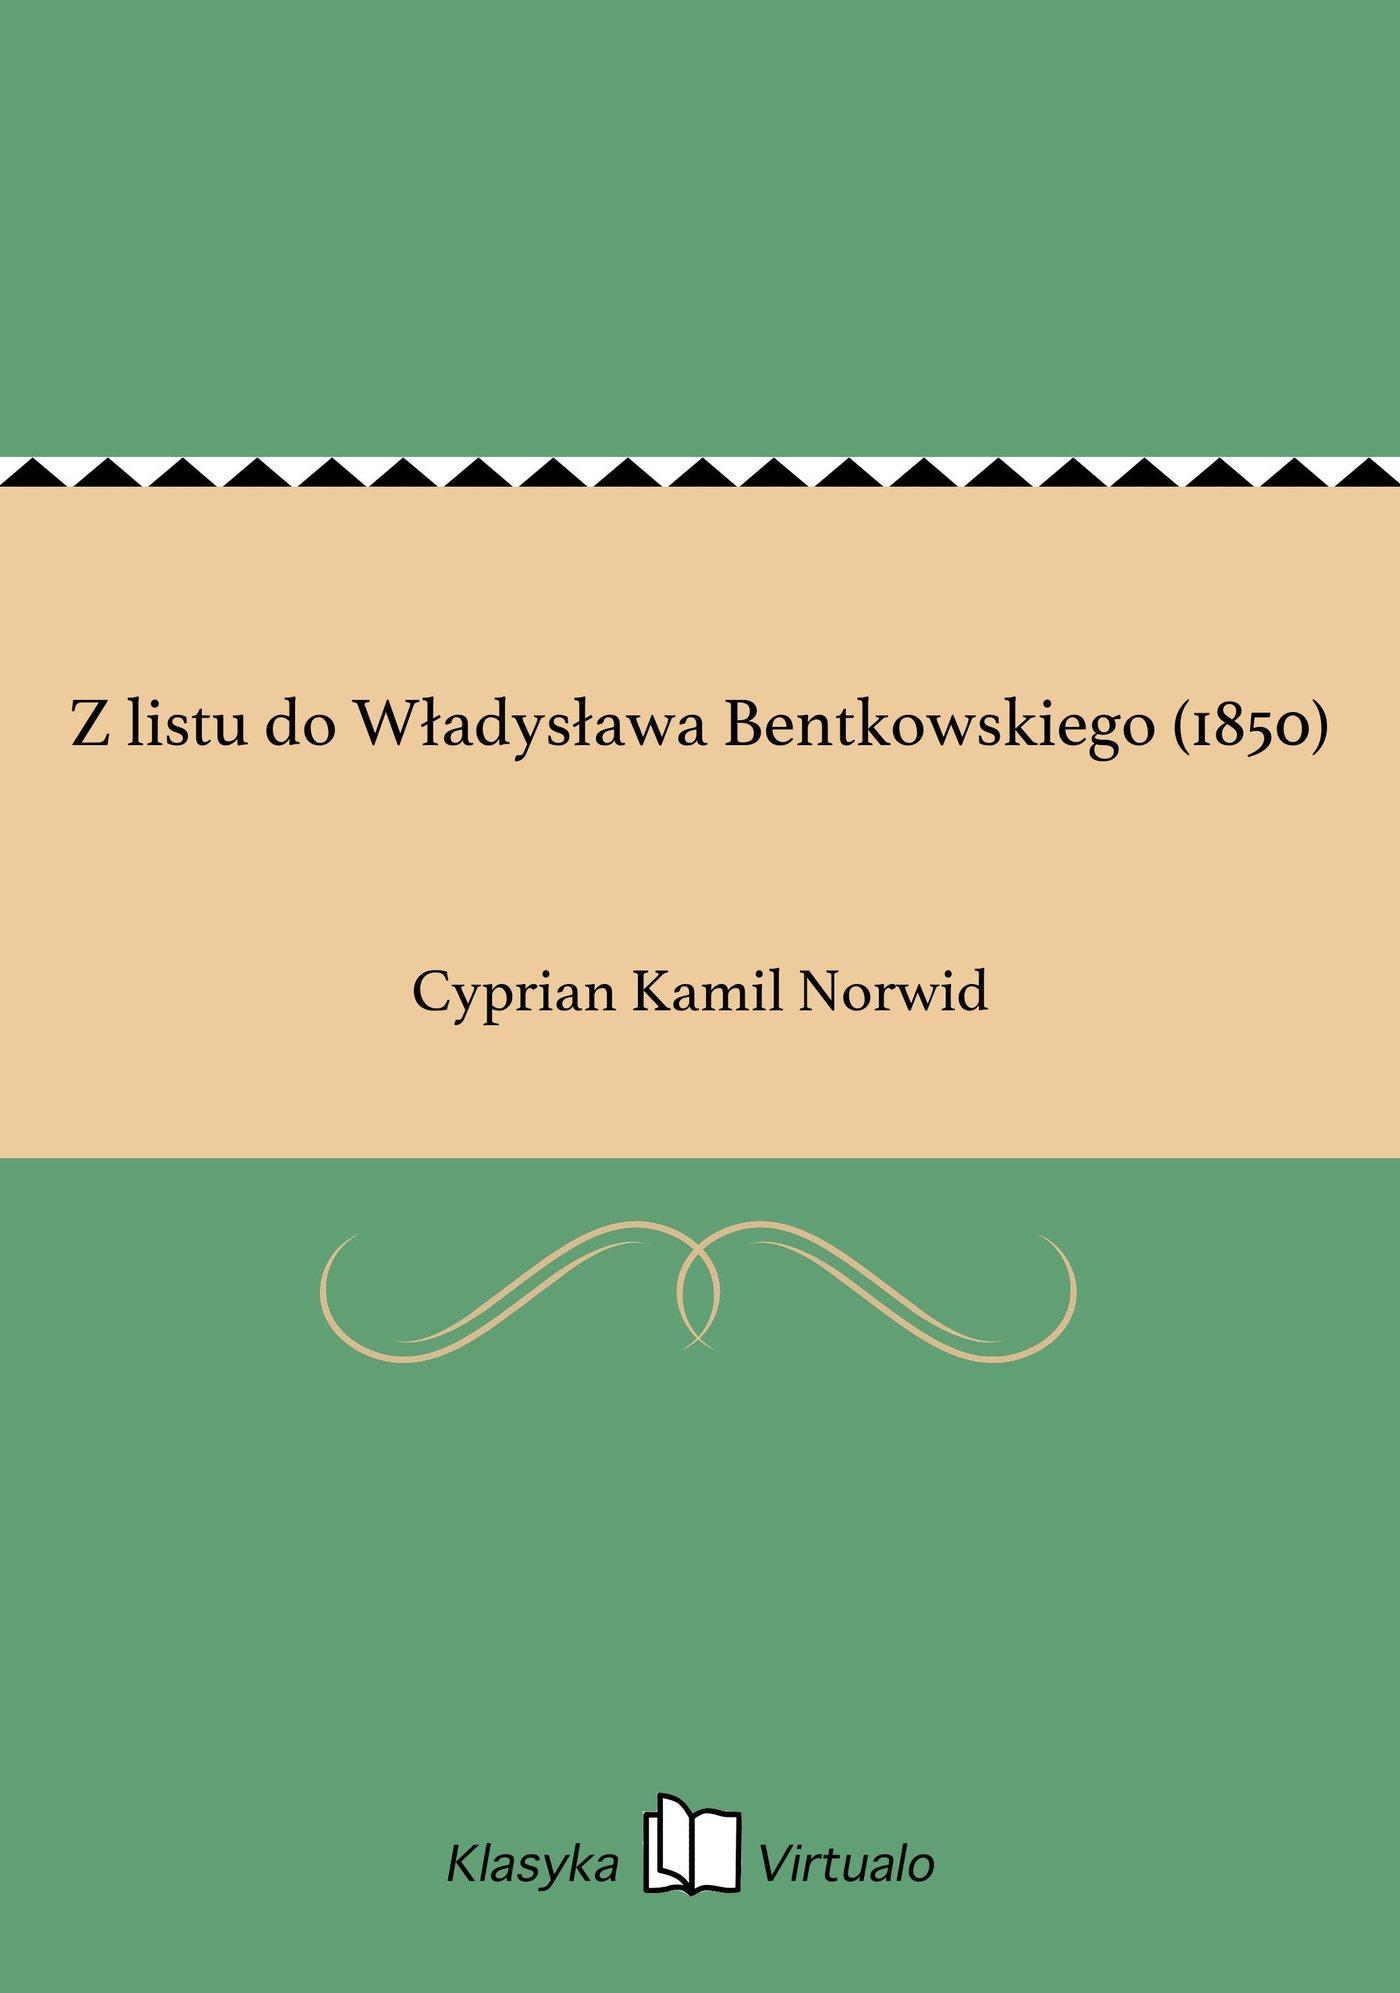 Z listu do Władysława Bentkowskiego (1850) - Ebook (Książka EPUB) do pobrania w formacie EPUB